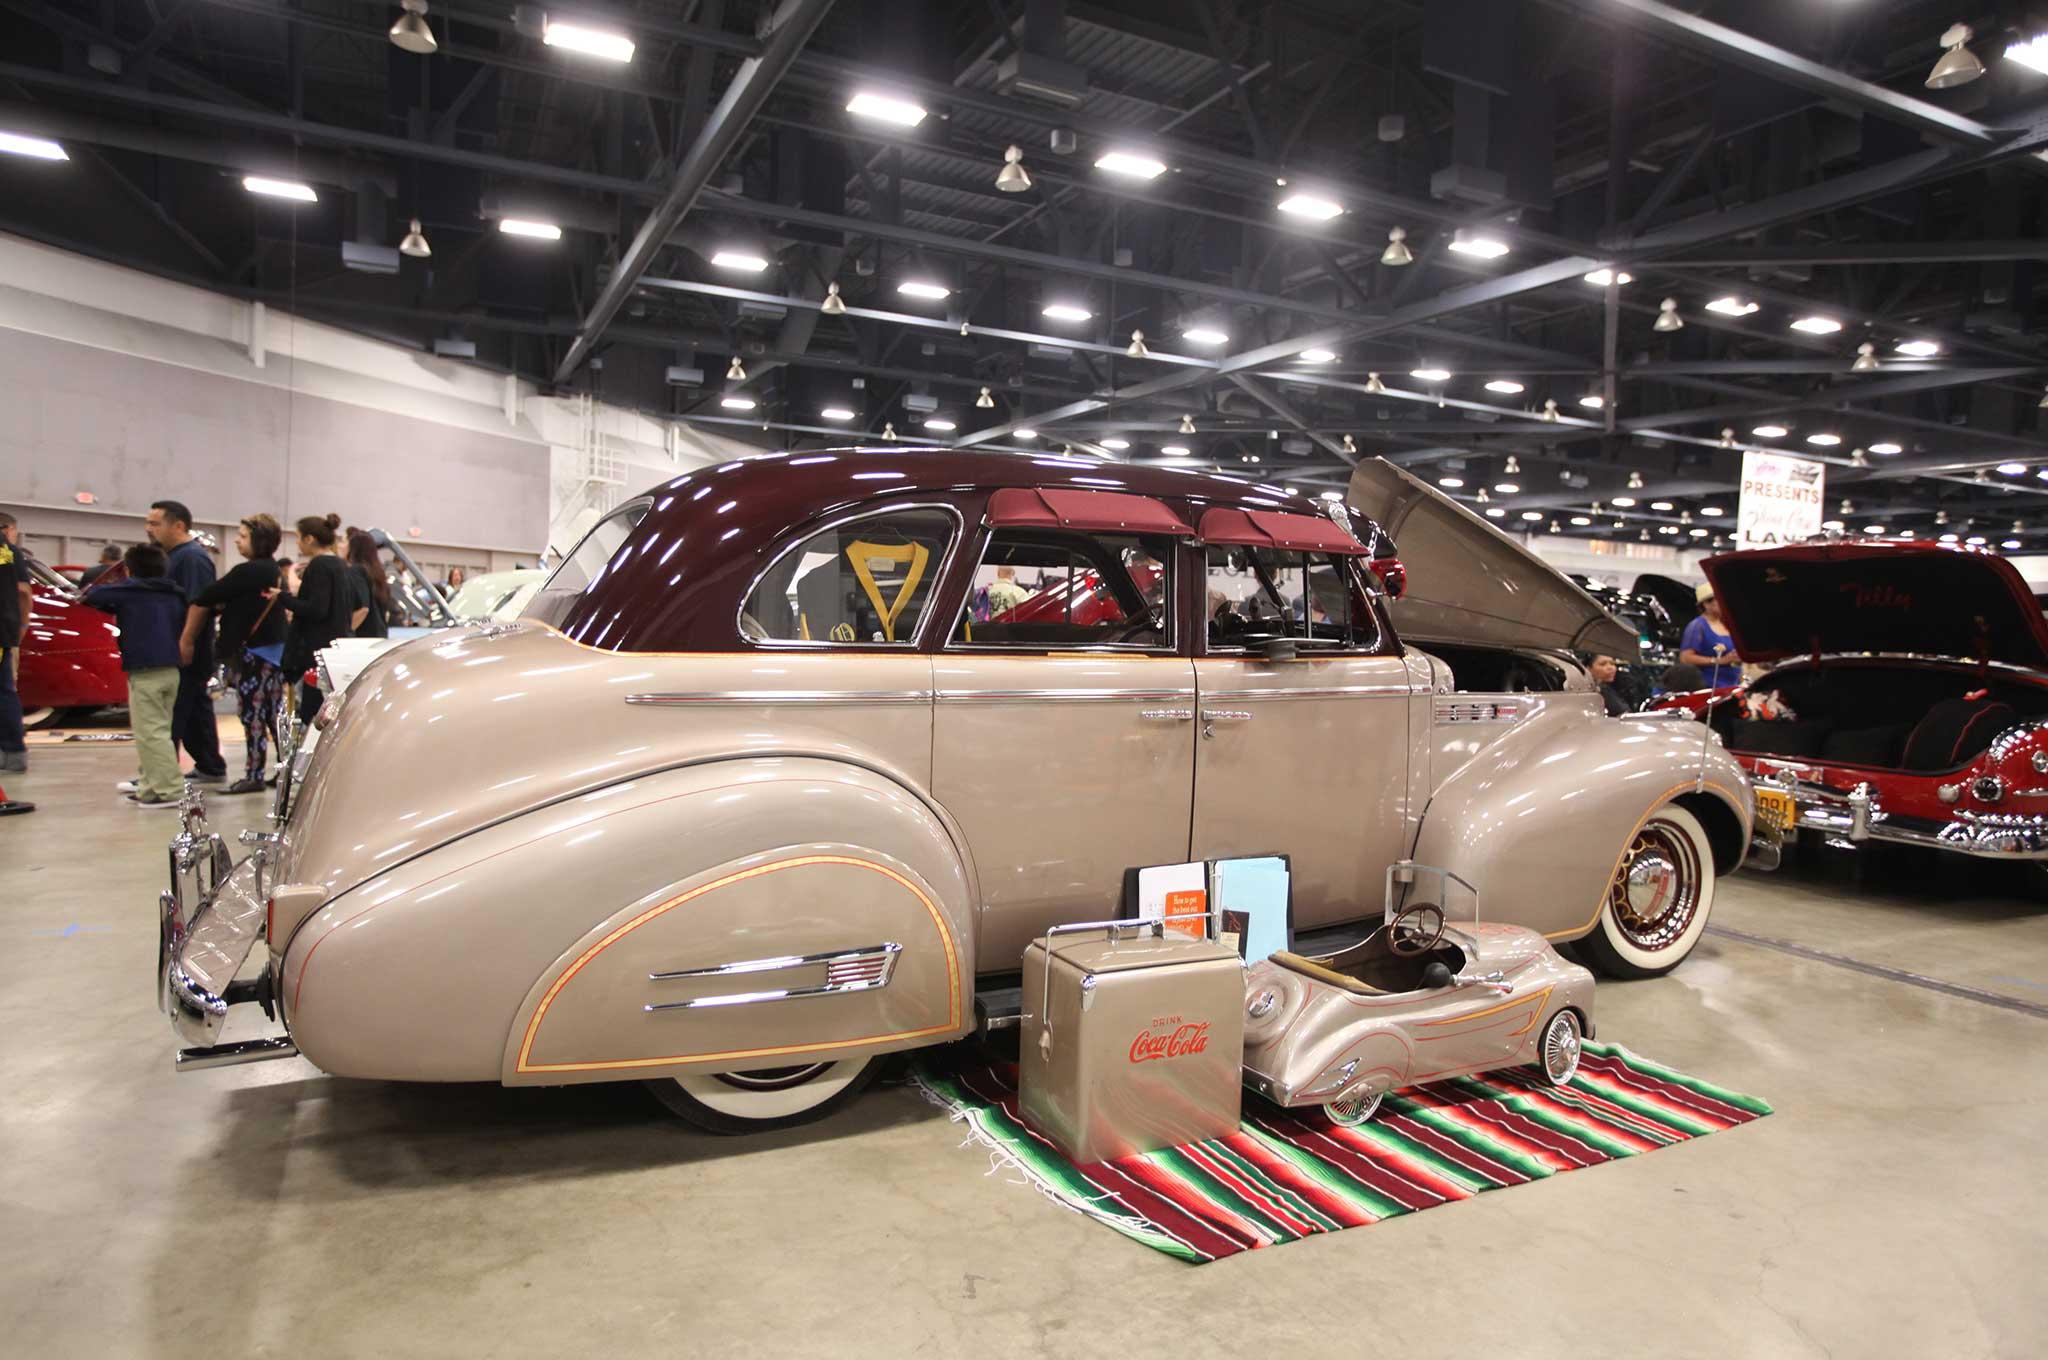 Albuquerque Car Show And Concert Custom Sedan Lowrider - Car show albuquerque